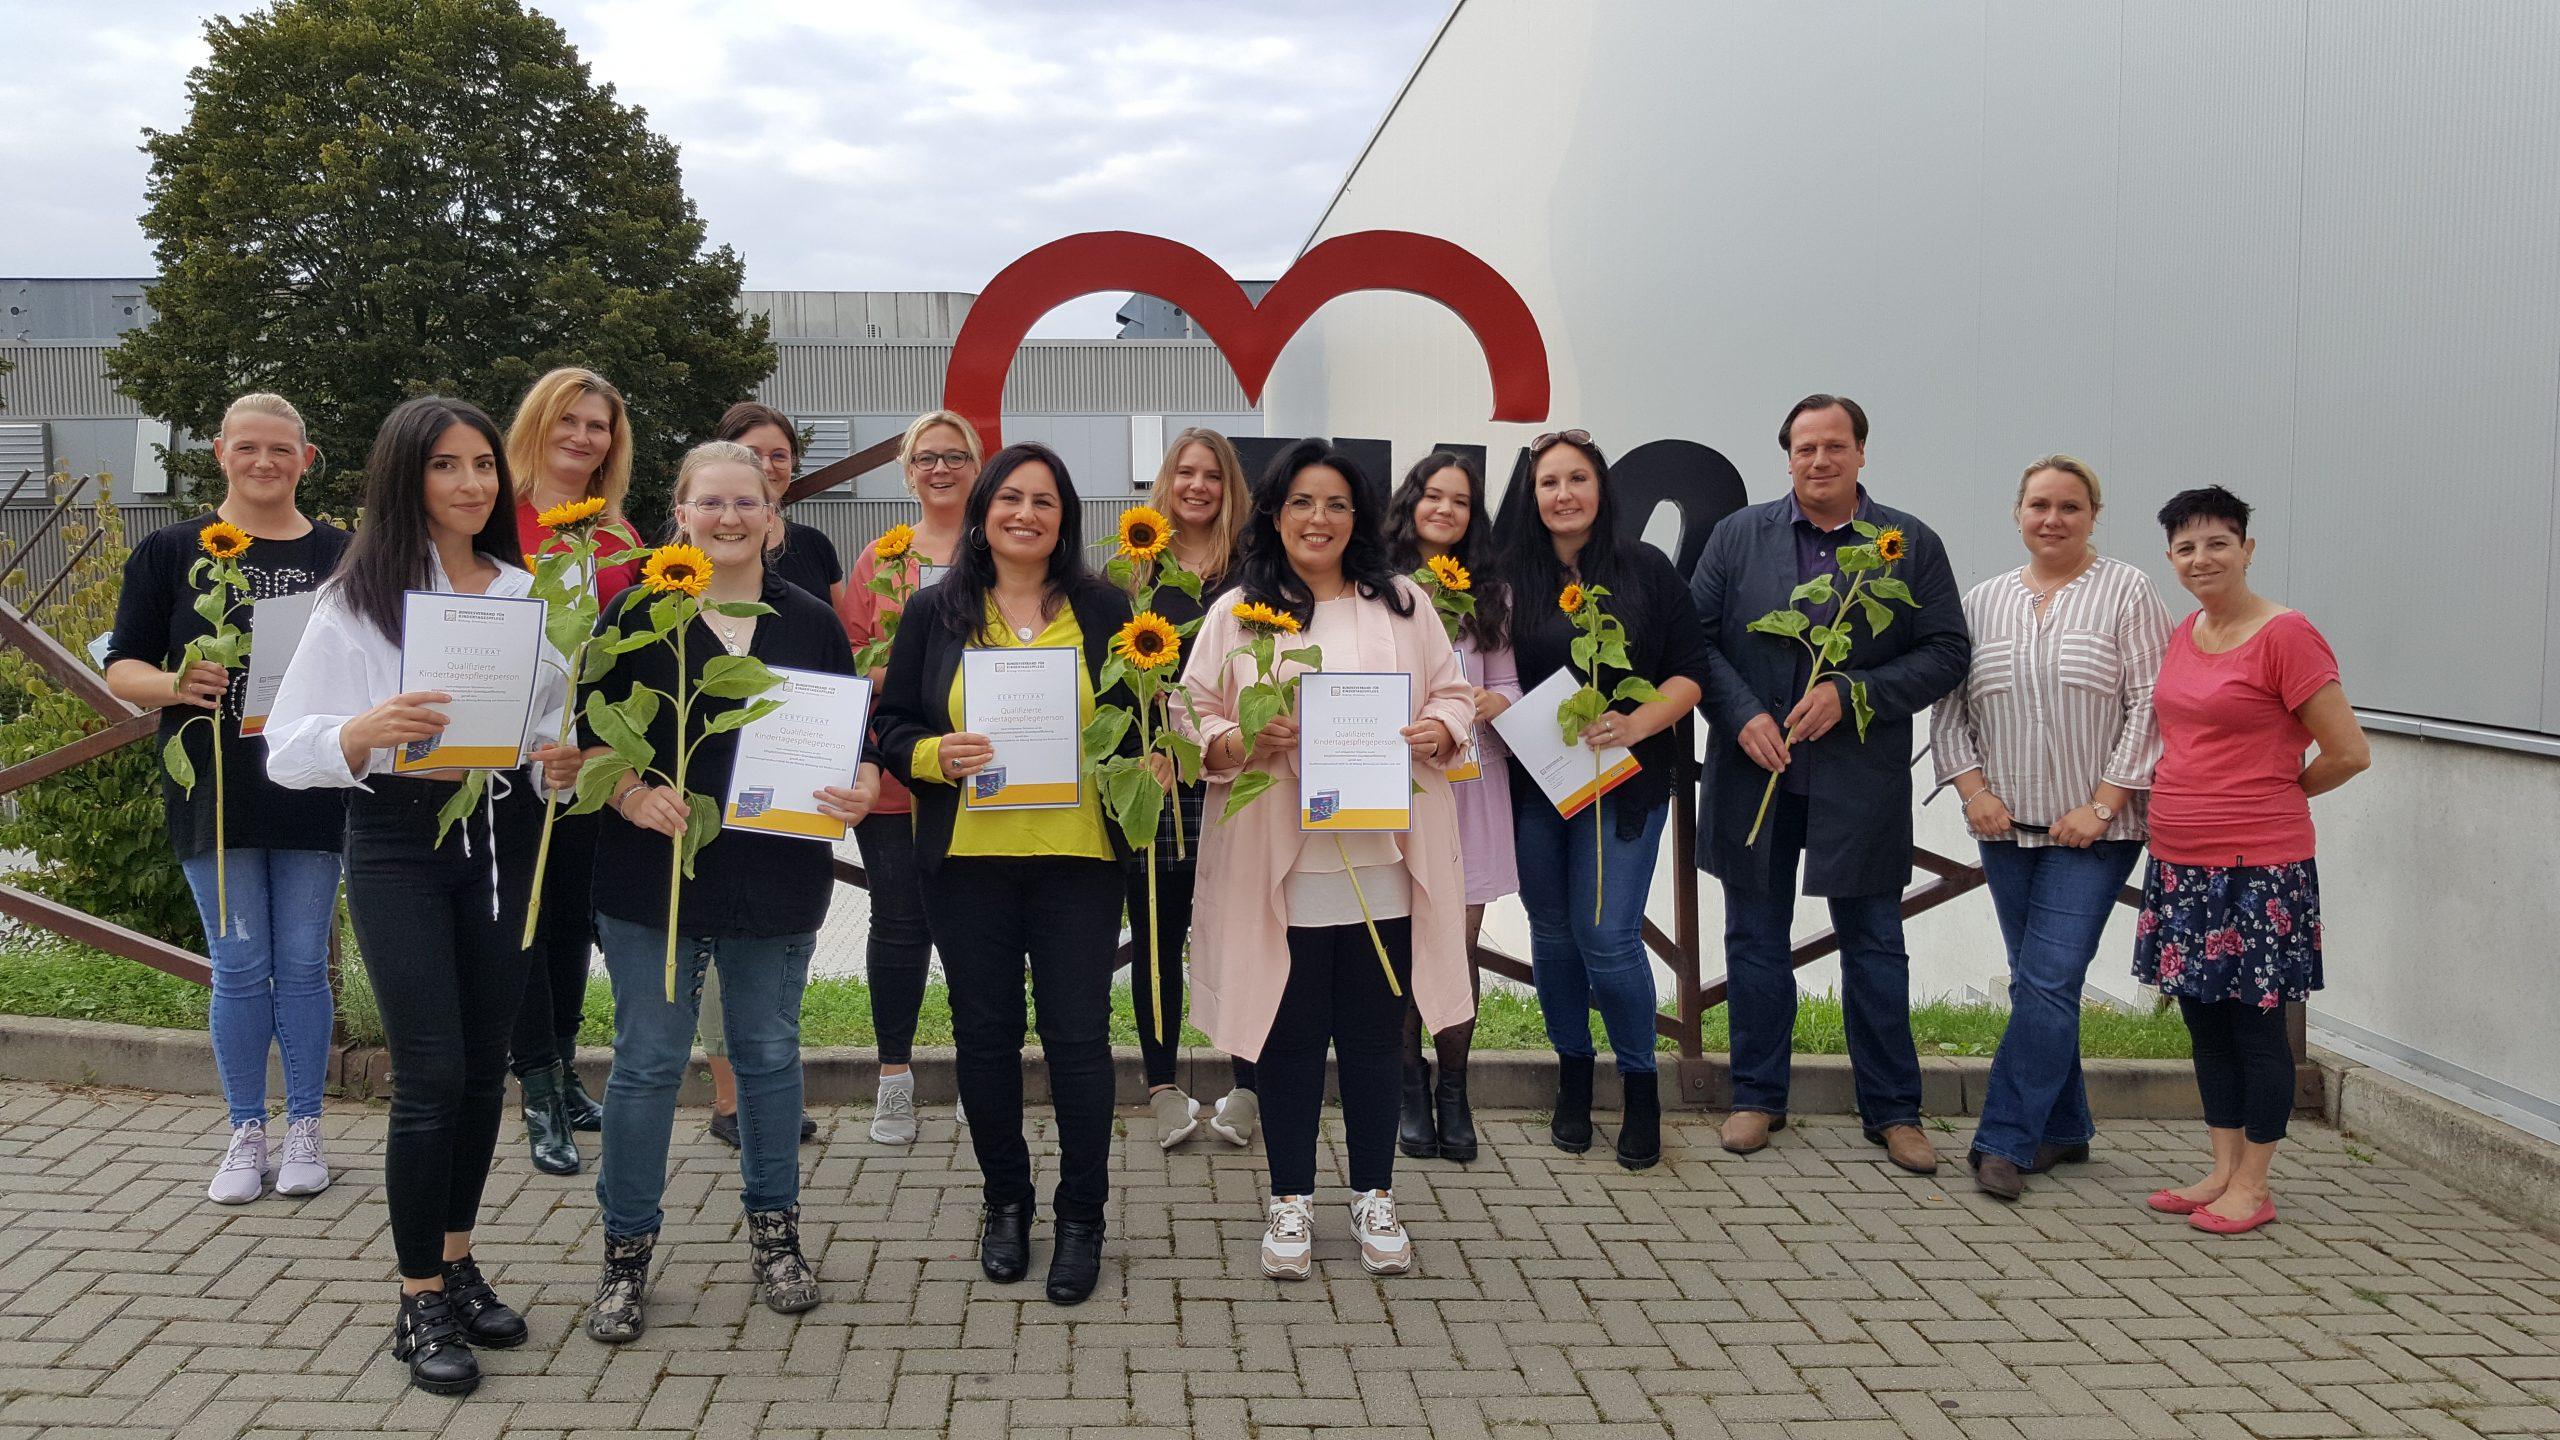 10 neue Tagesmütter und einen neuen Tagesvater vom Margarete-Klug-Bildungswerk qualifiziert 1